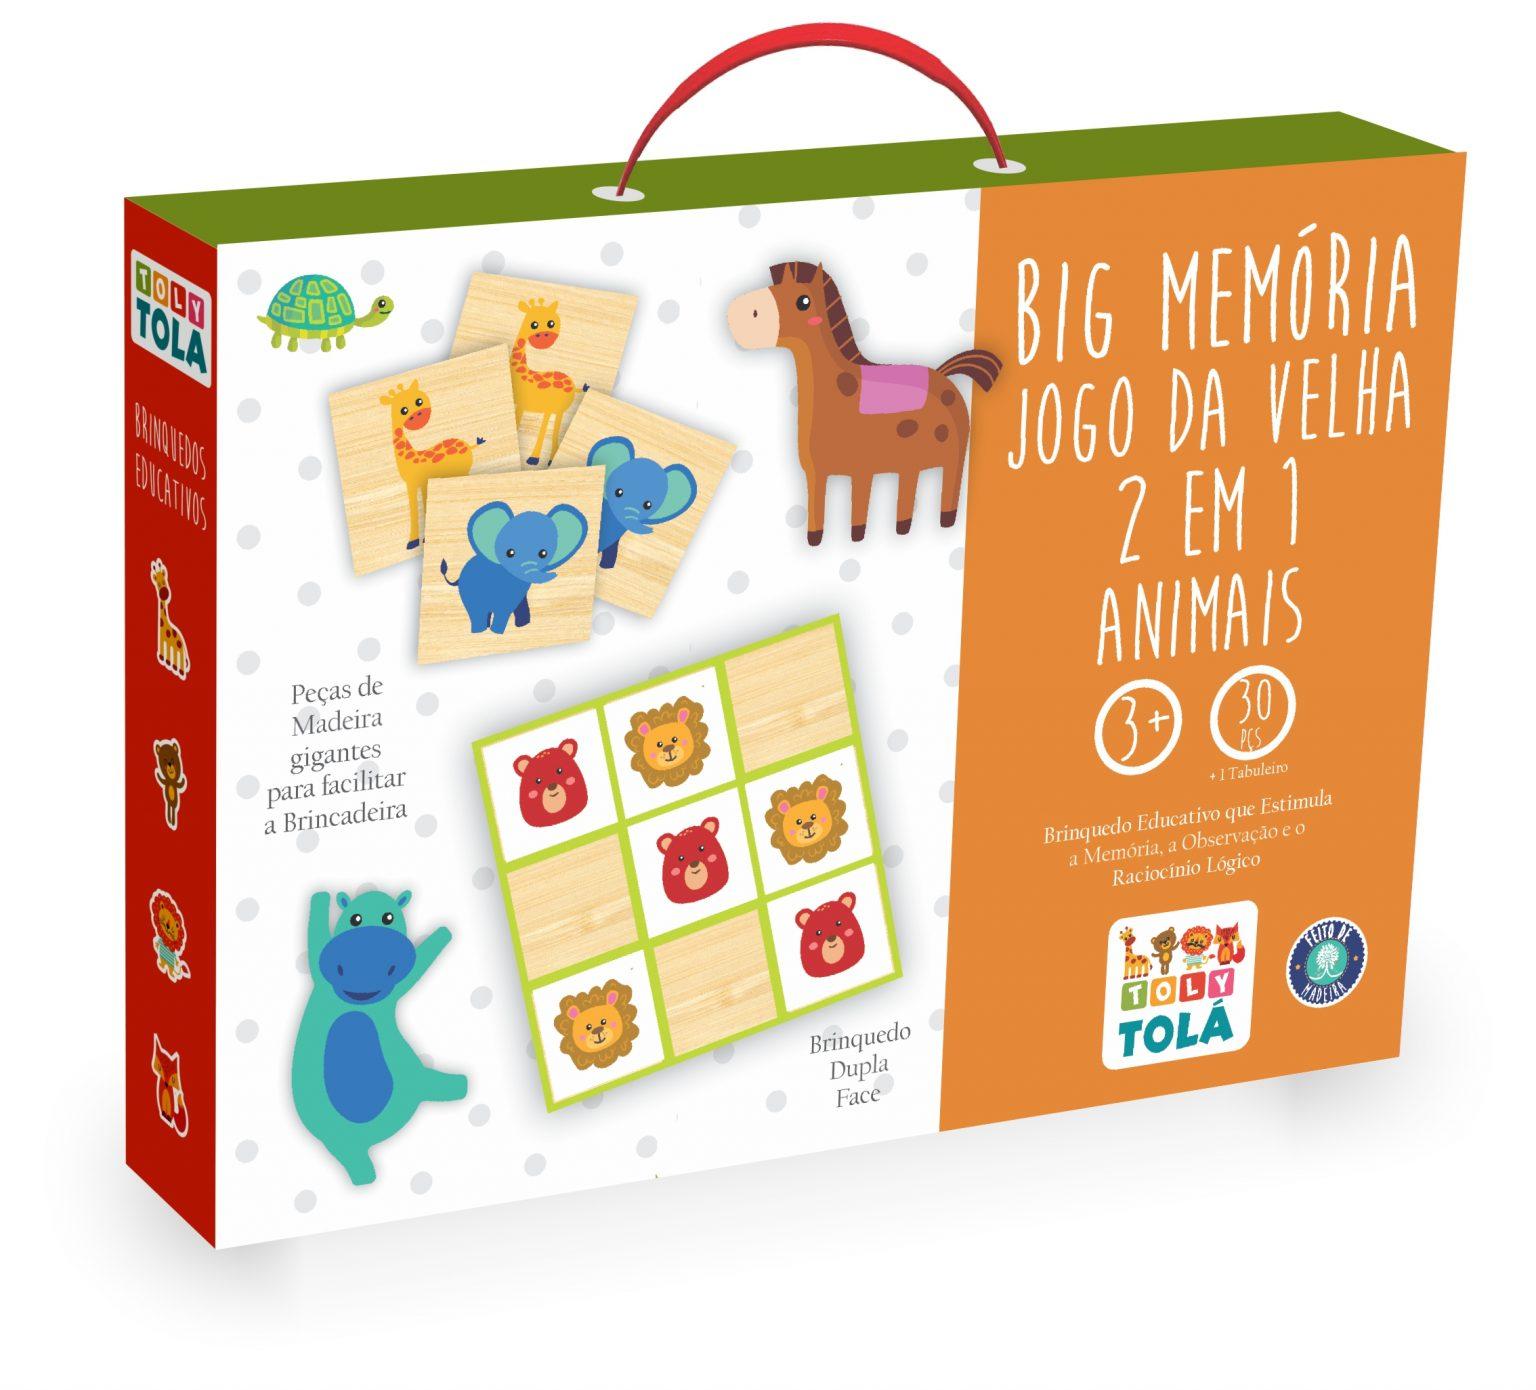 BIG MEMÓRIA / JOGO DA VELHA 2 EM 1 - ANIMAIS